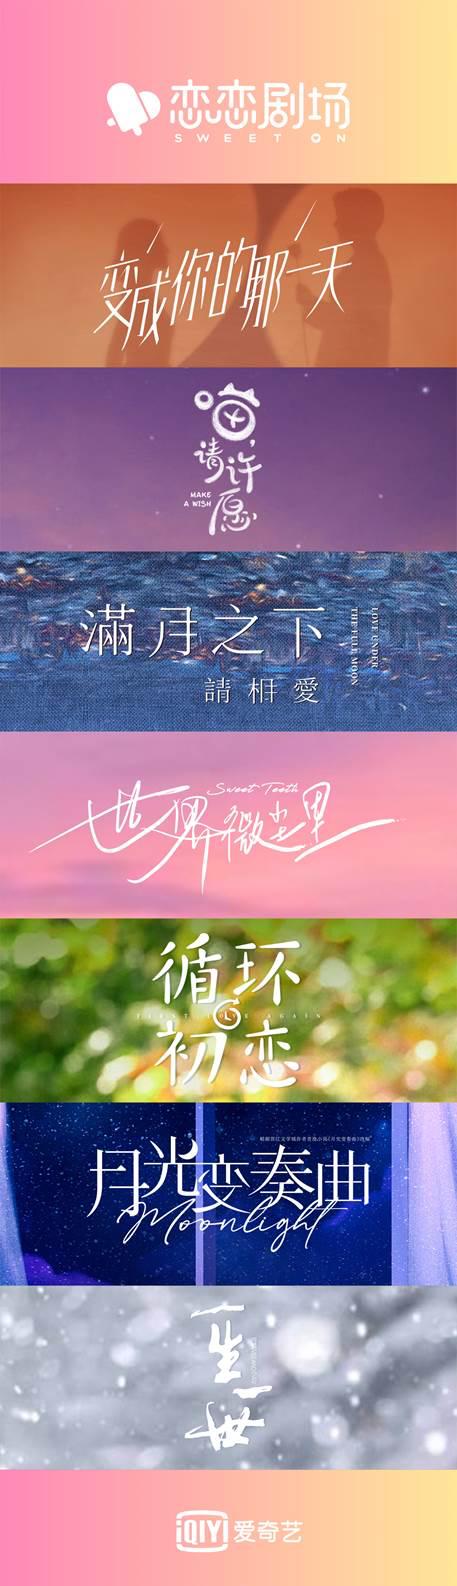 恋恋剧场发布片单,7部爱情剧连播、20多位新生代演员加盟